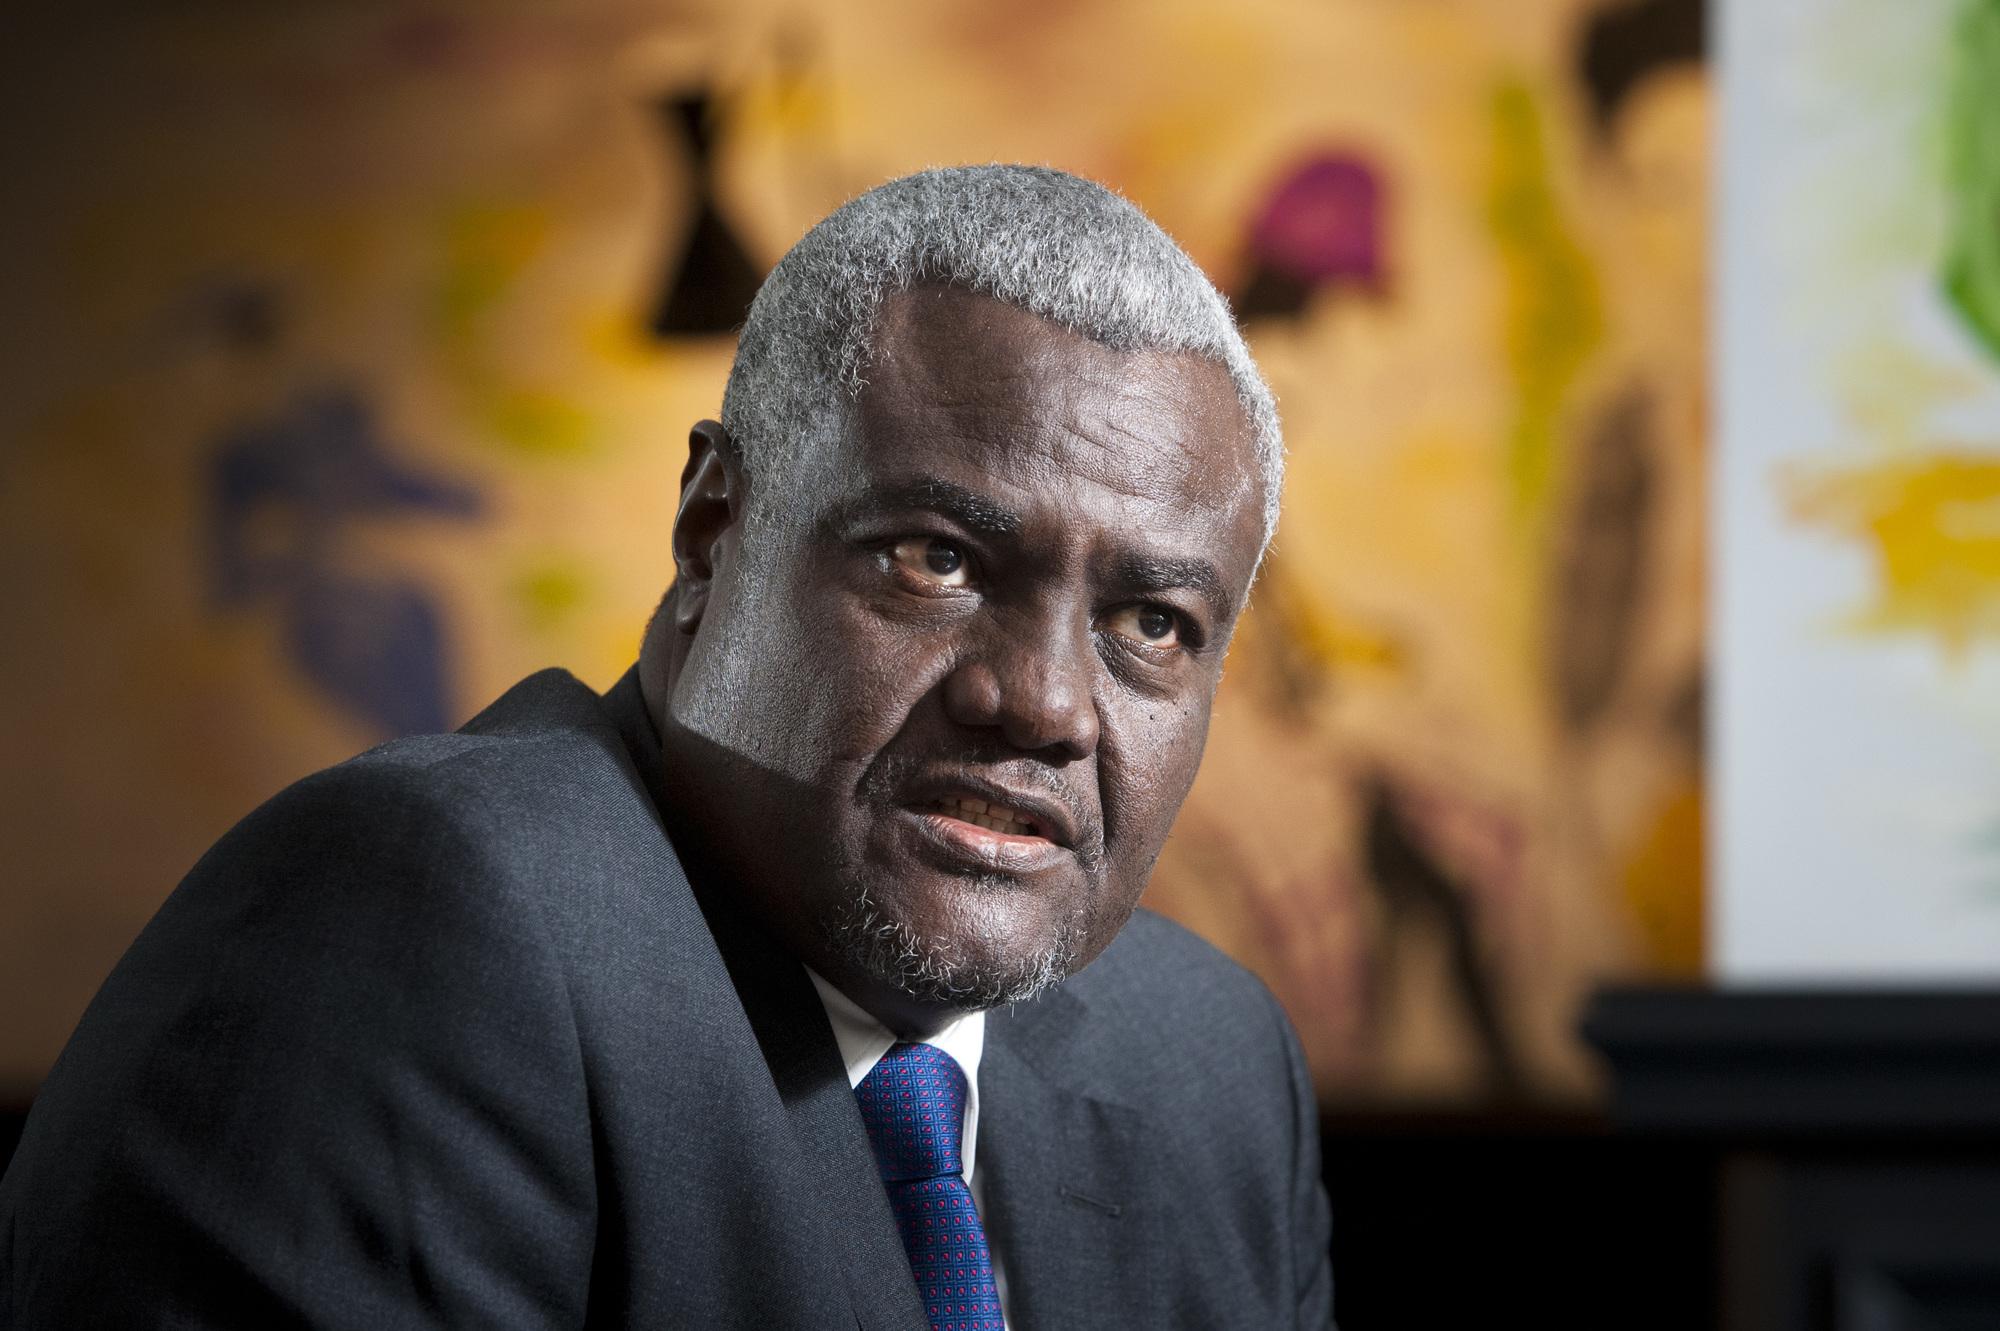 Moussa Faki Mahamat (Tchad), ancien Premier Ministre de 2003 a 2005, il est president de la Commission de l'Union Africaine depuis 20017. A Paris, le 09.06.2019. Vincent Fournier/JA